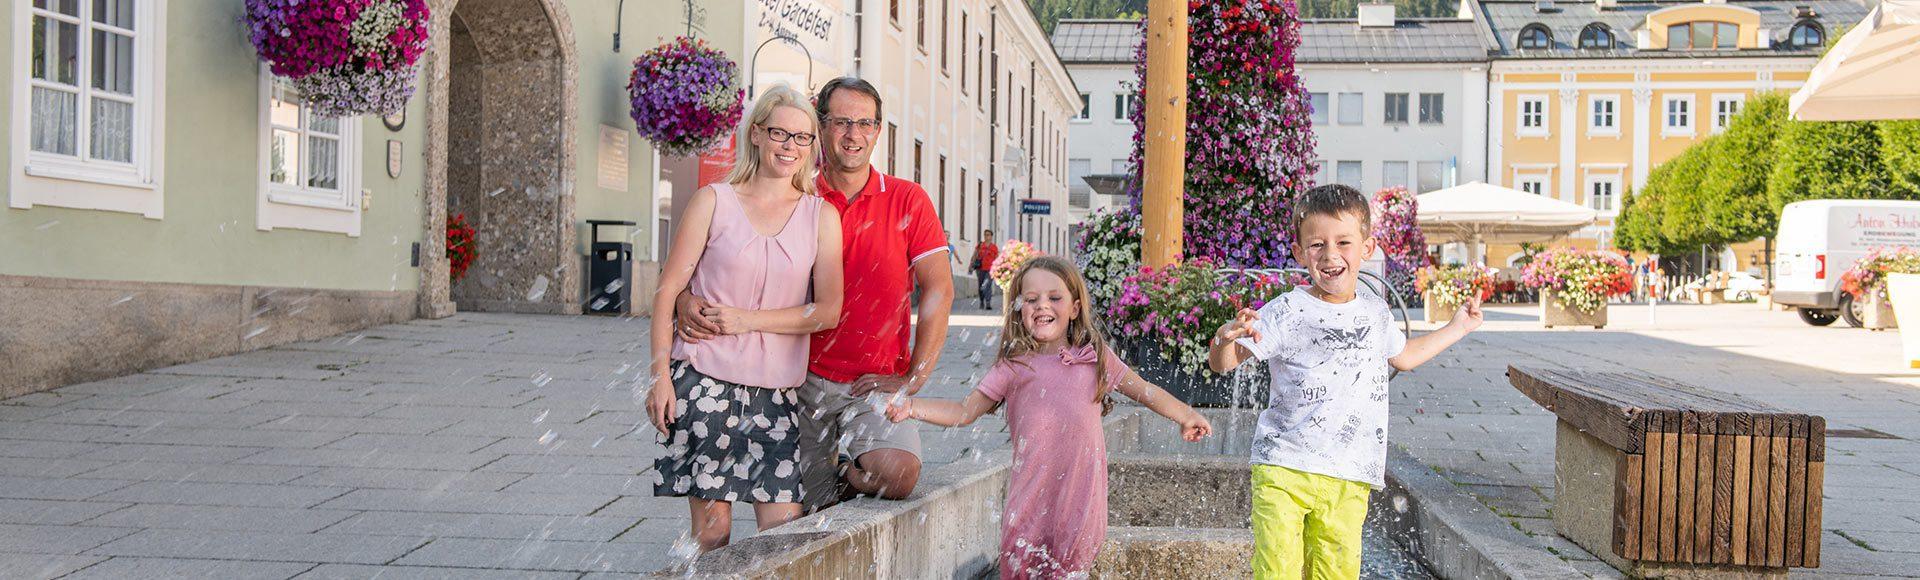 Familienurlaub Radstadt Tourismusverband Radstadt Lorenz Masser 1